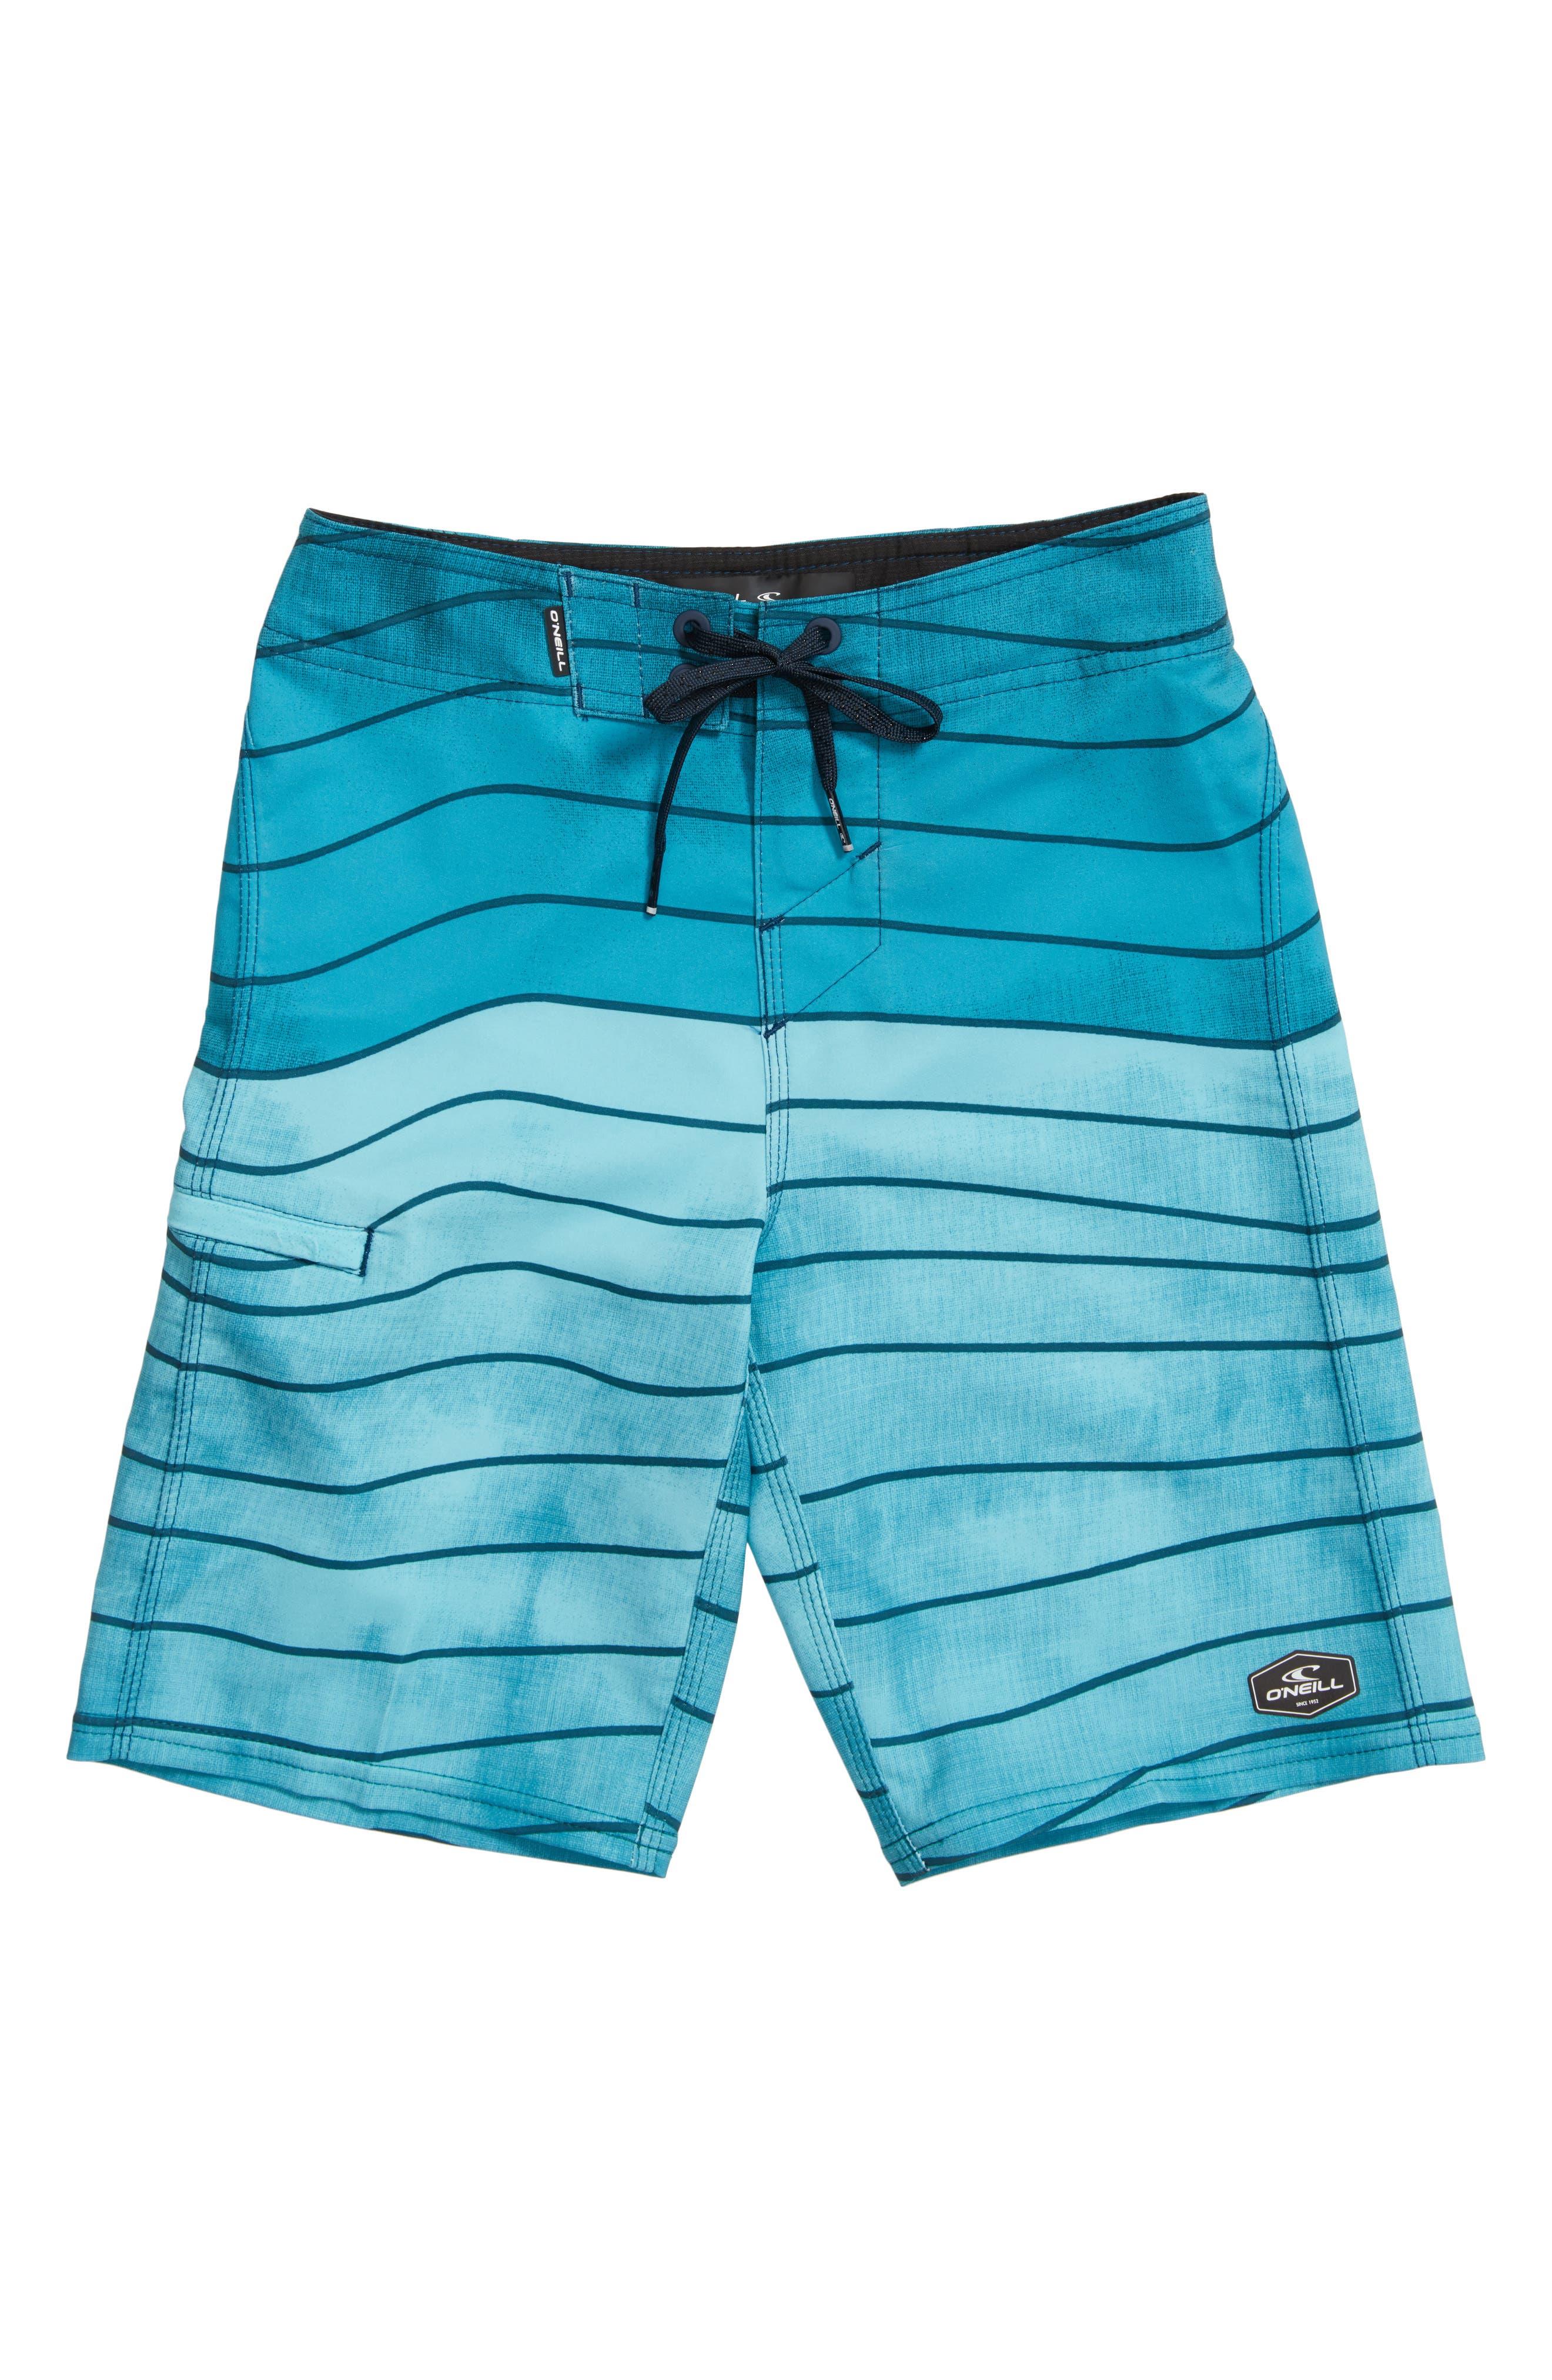 O'Neill Hyperfreak Swell Stripe Board Shorts (Big Boys)